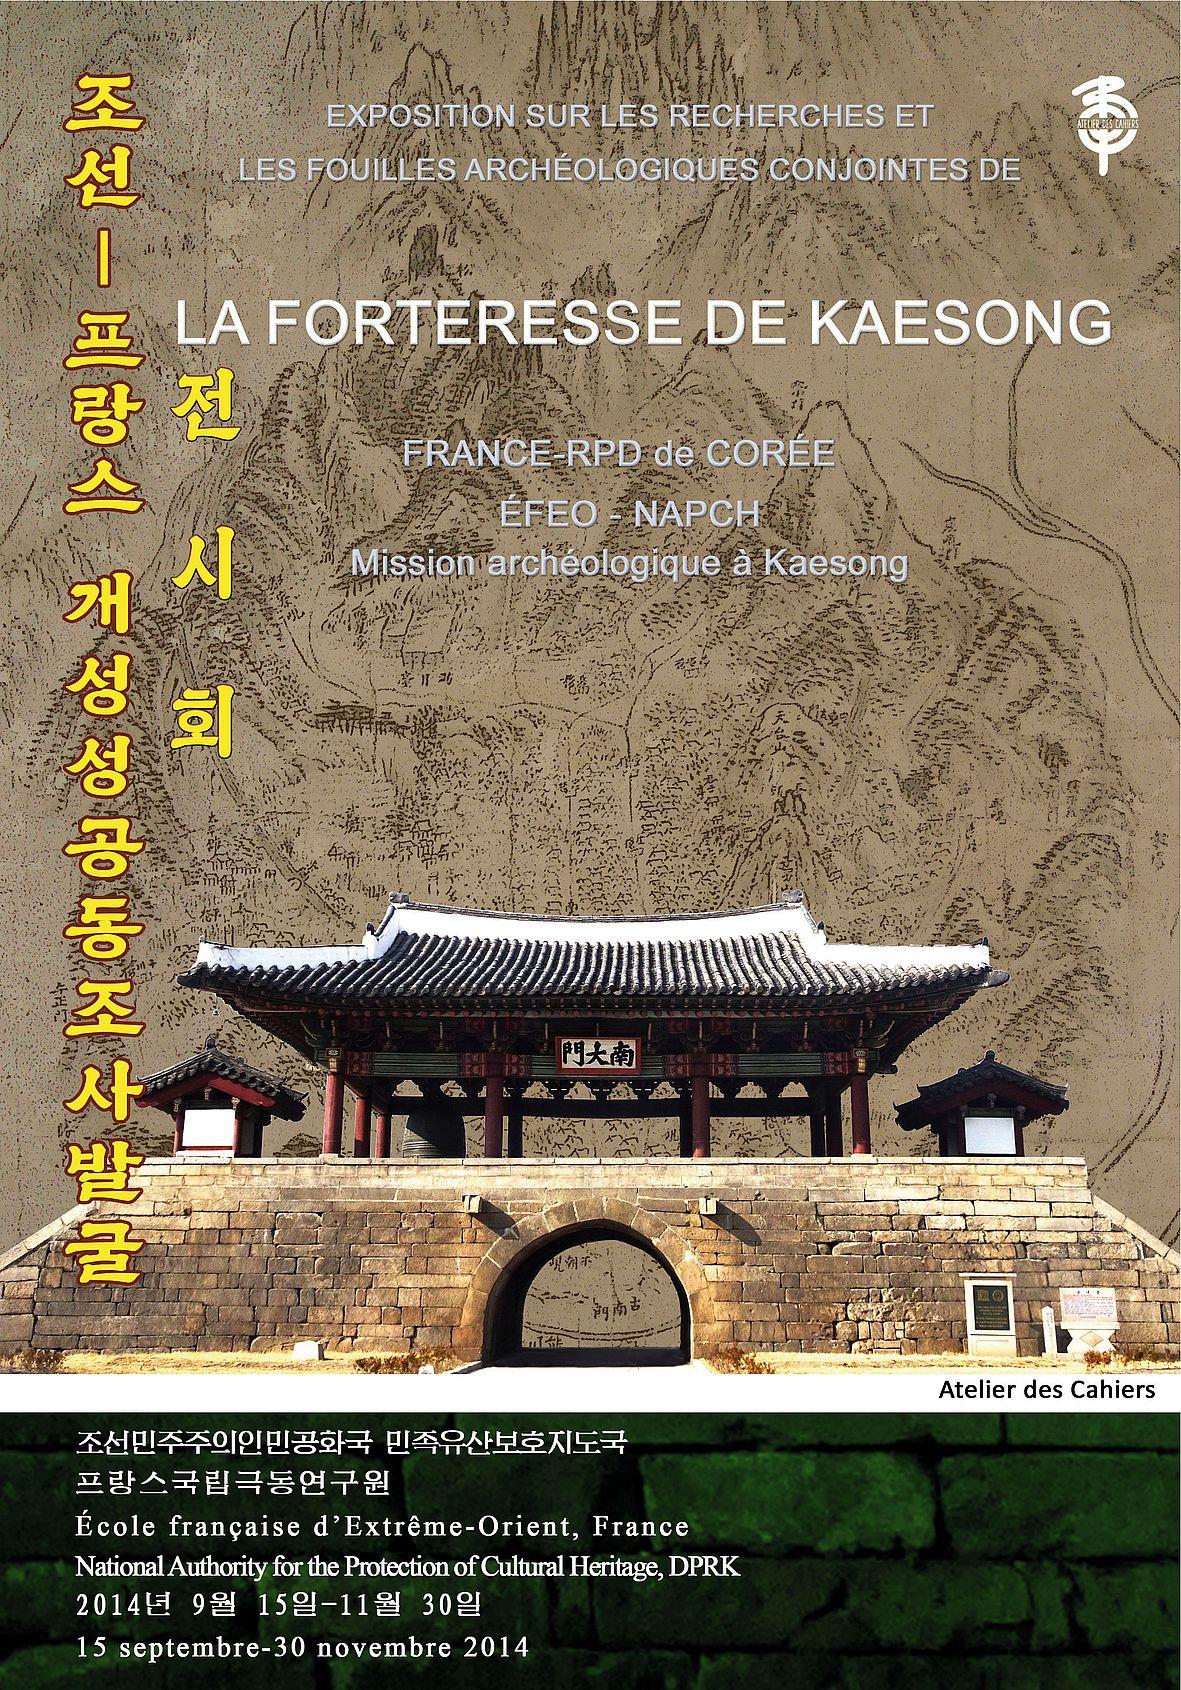 La Forteresse de Kaesong